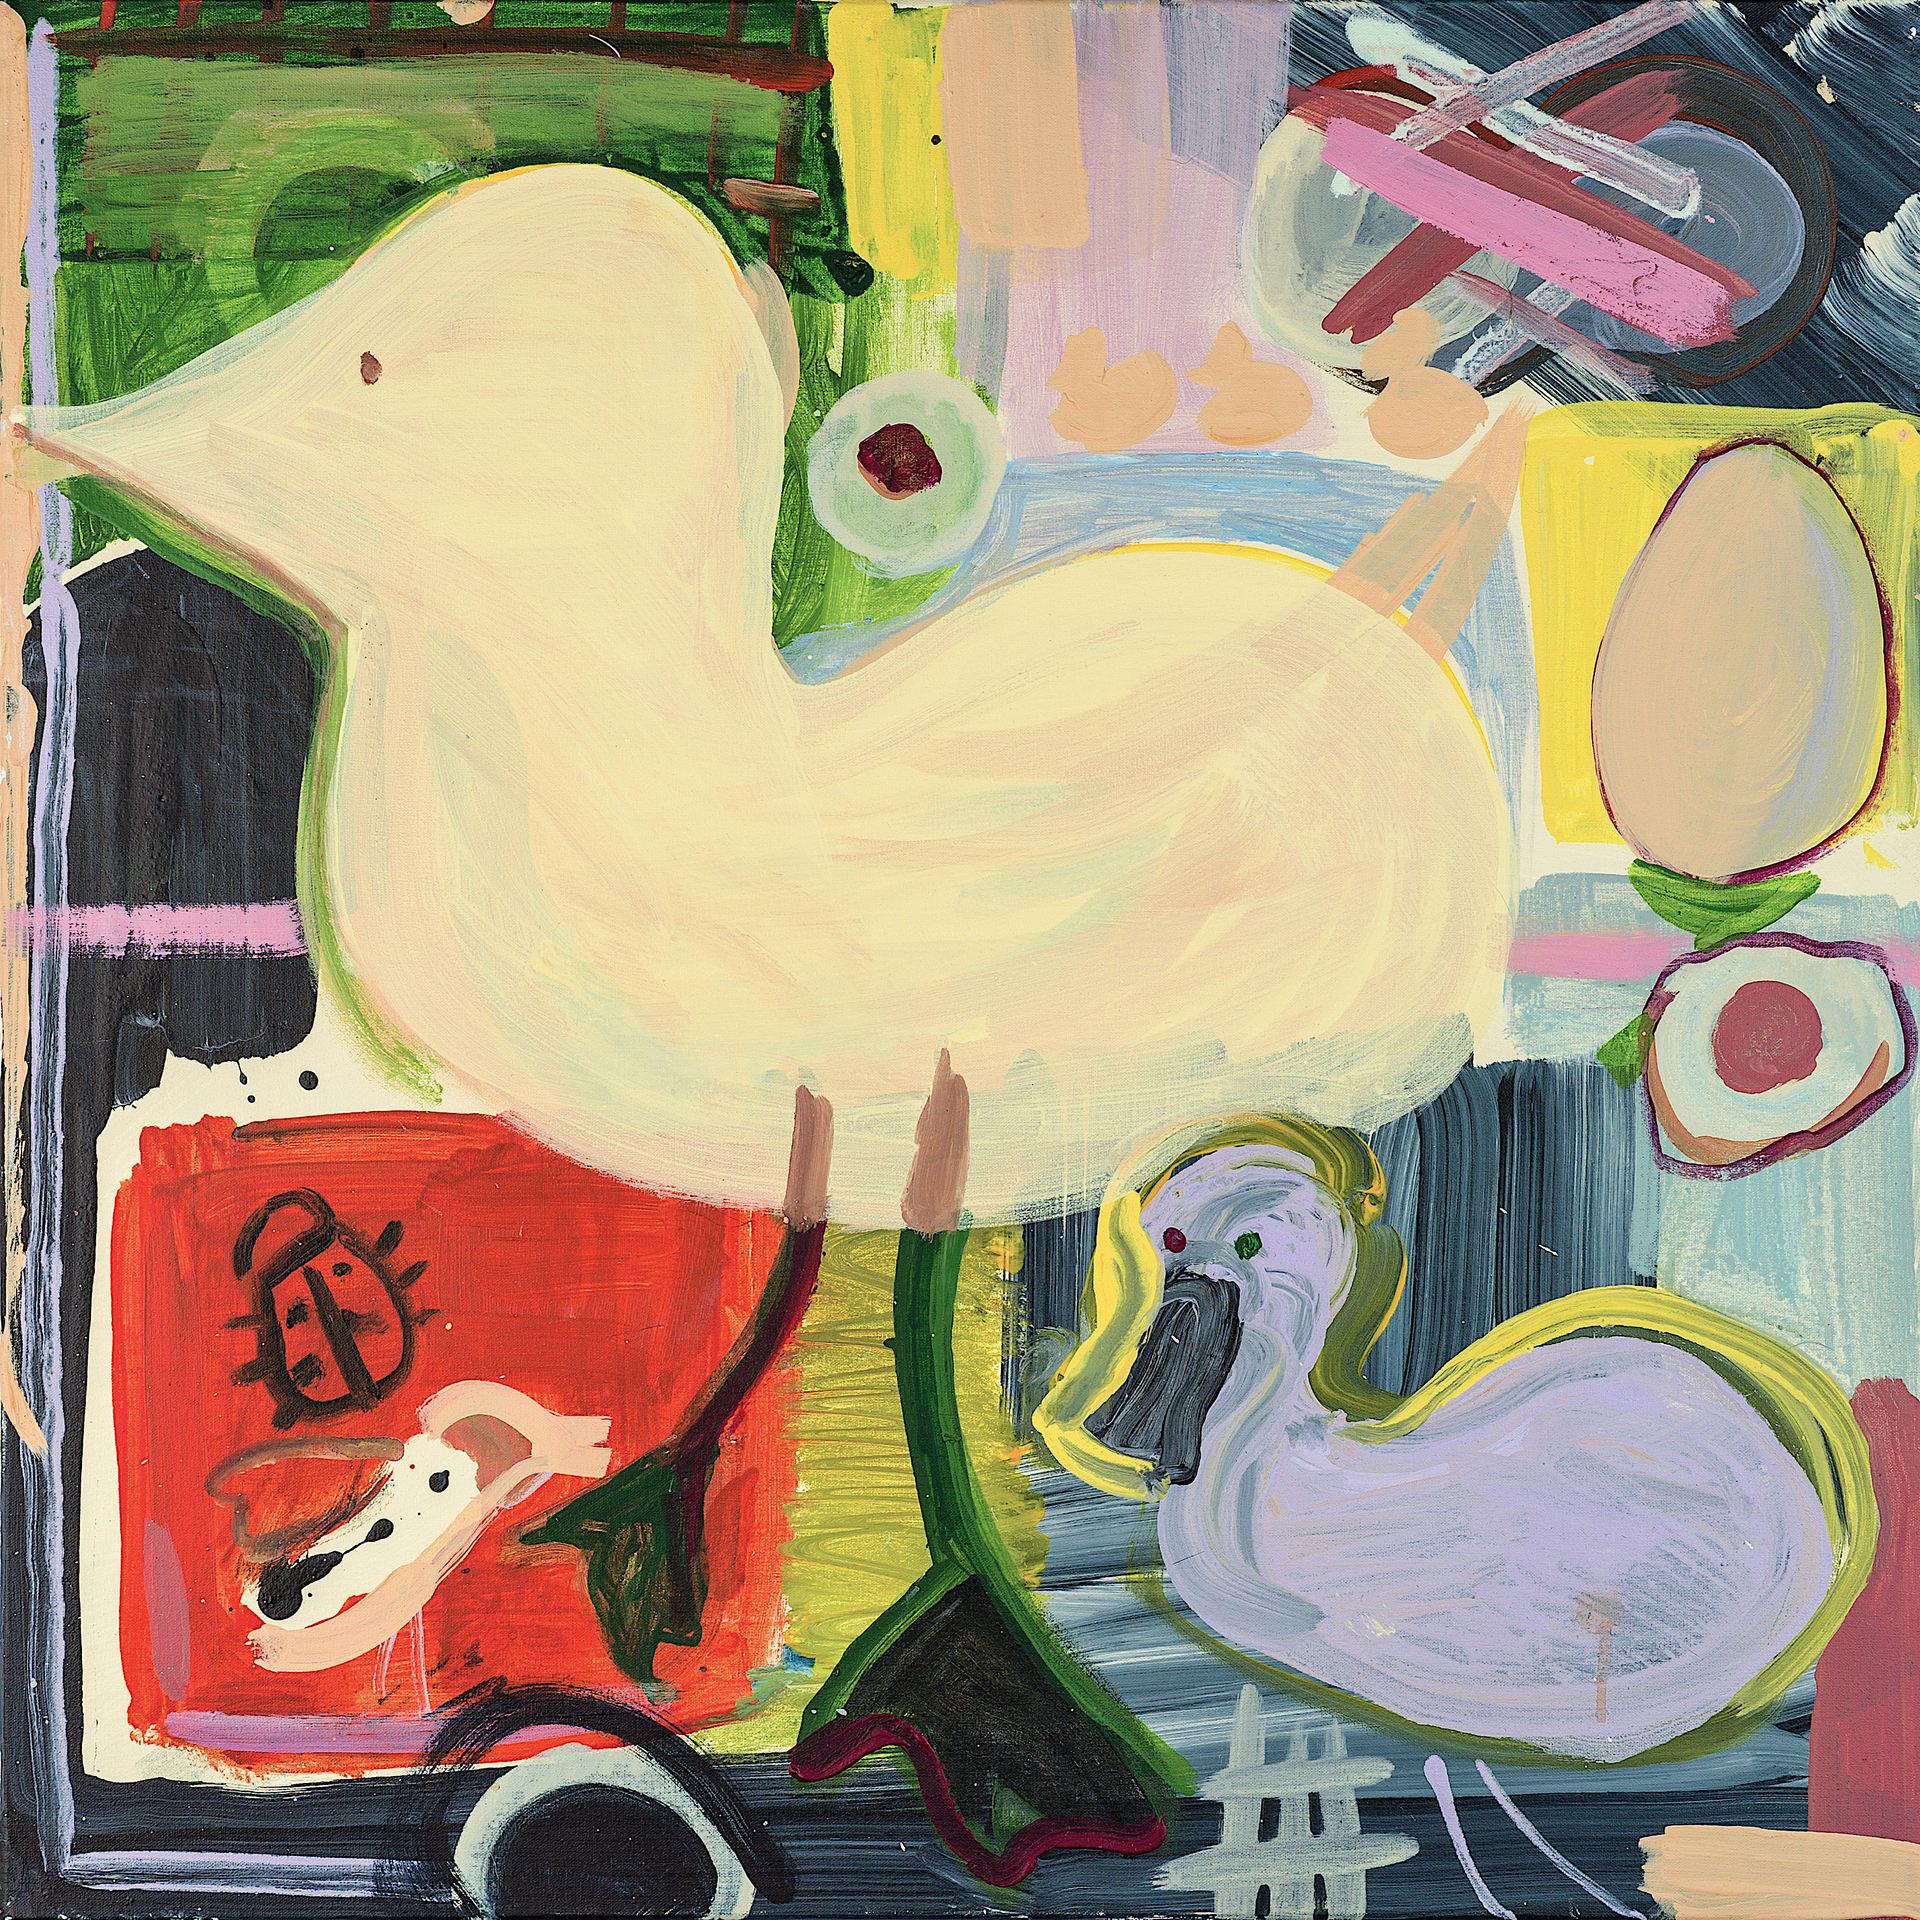 Bird Sounds, 2019, acrylic on canvas, 60 x 60 cm